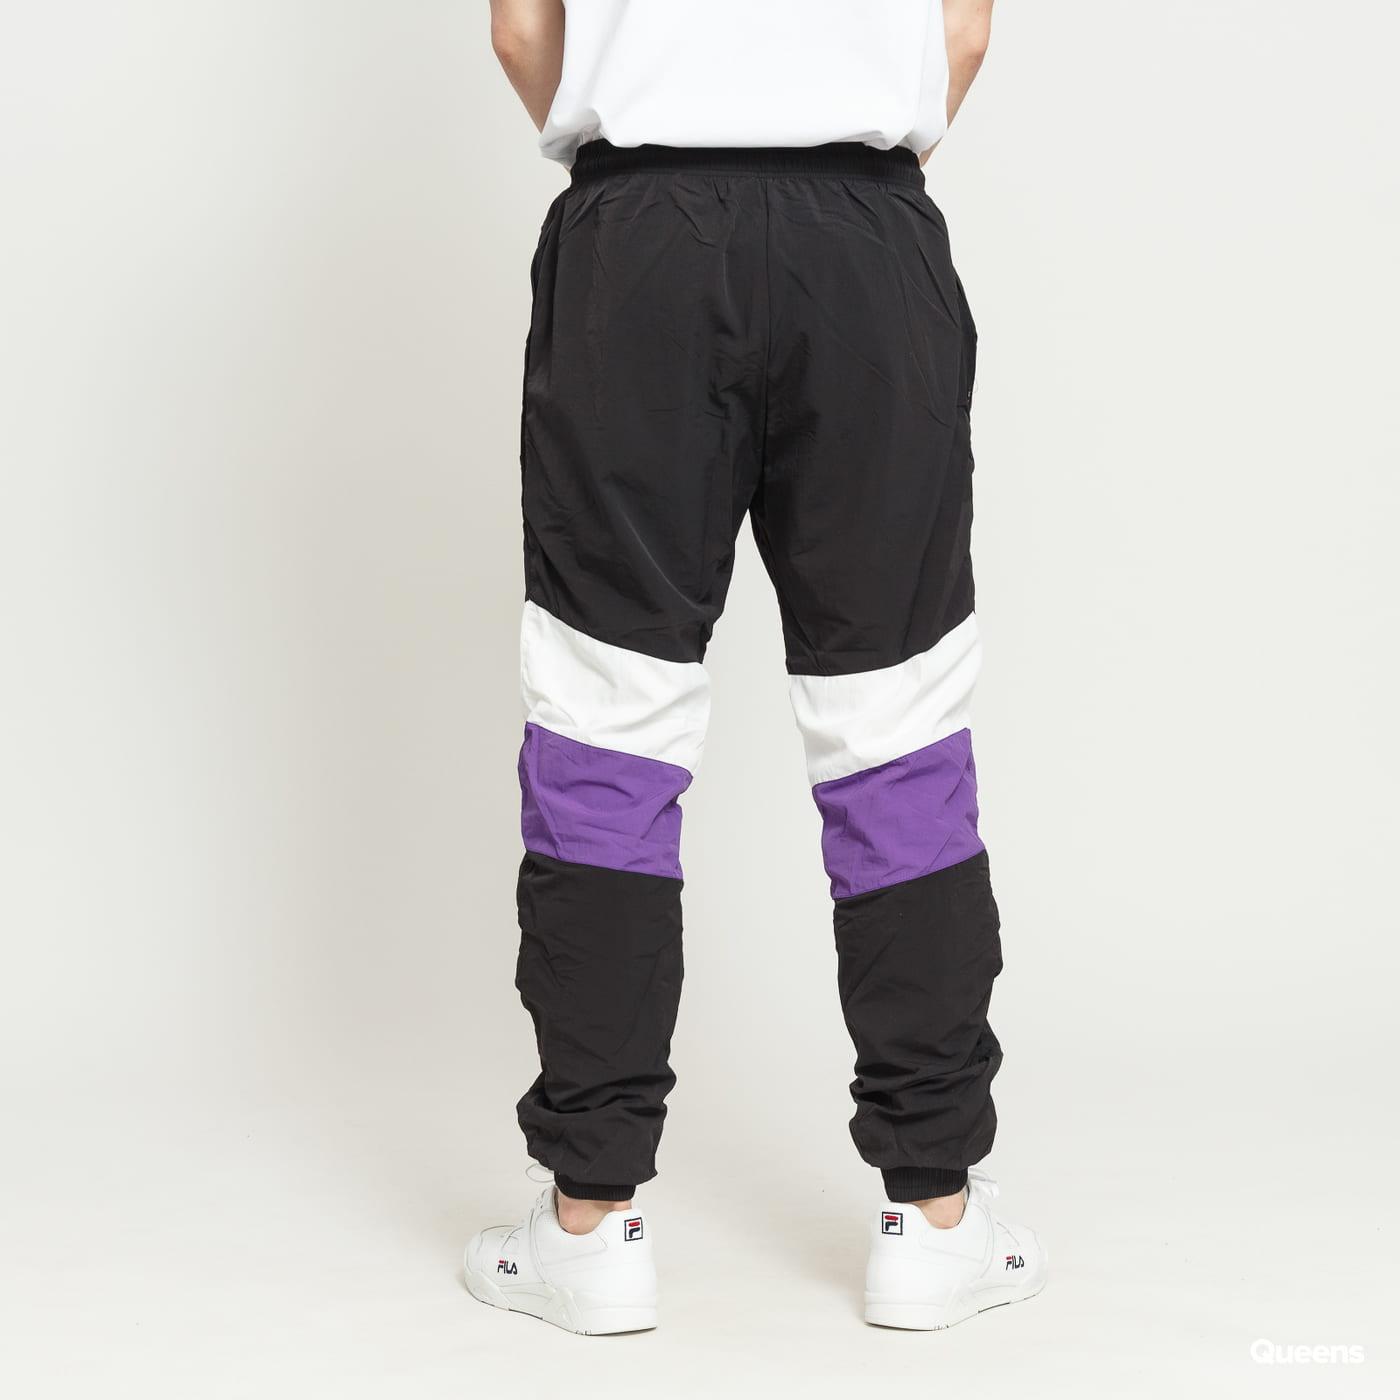 Urban Classics 3-Tone Crinkle Track Pants čierne / biele / fialové